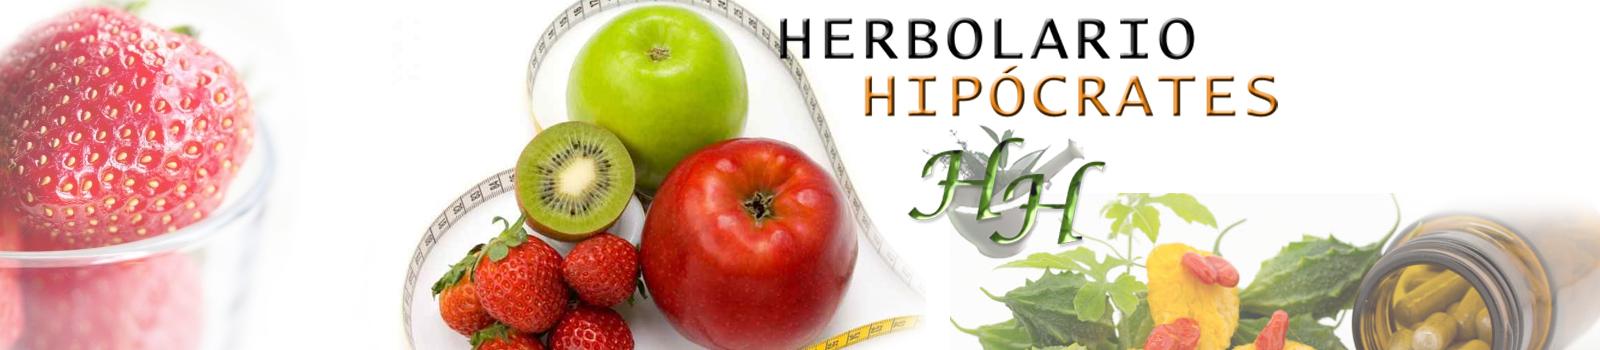 Herbolario en Valladolid, Dietetica y nutrición en Valladolid, Medicina natural en Valladolid, dieta